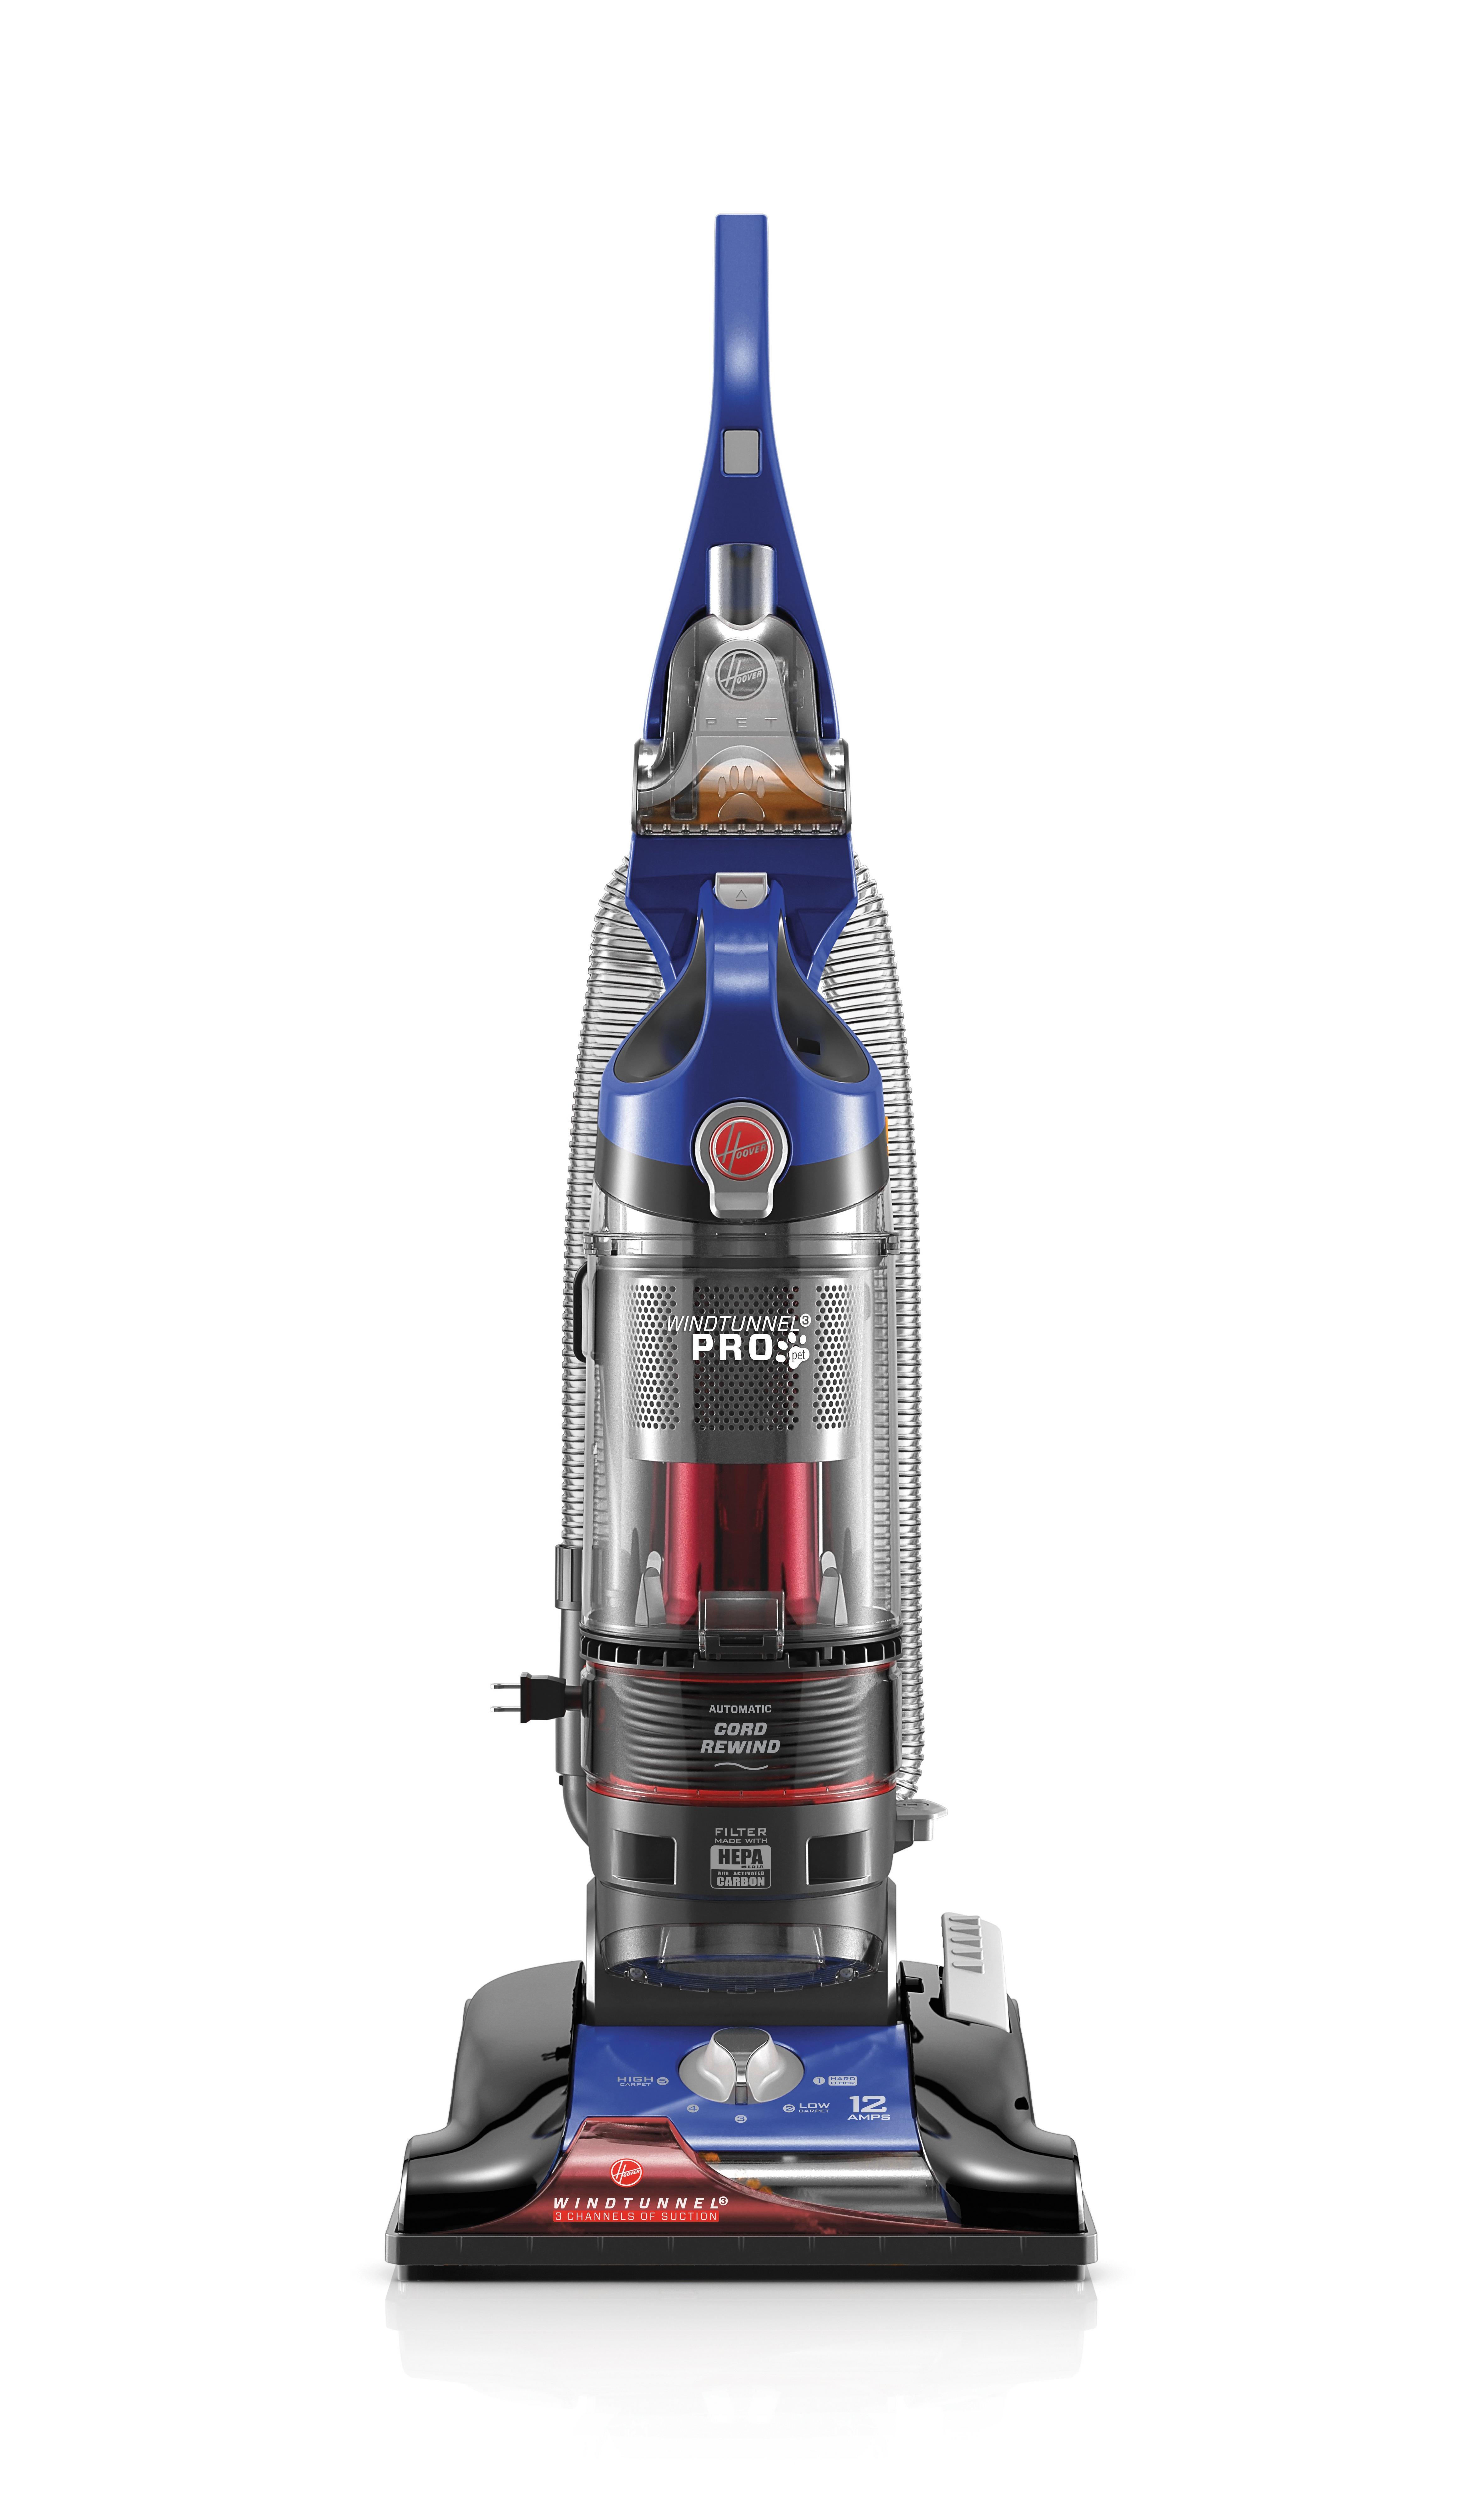 WindTunnel 3 Pro Pet Upright Vacuum